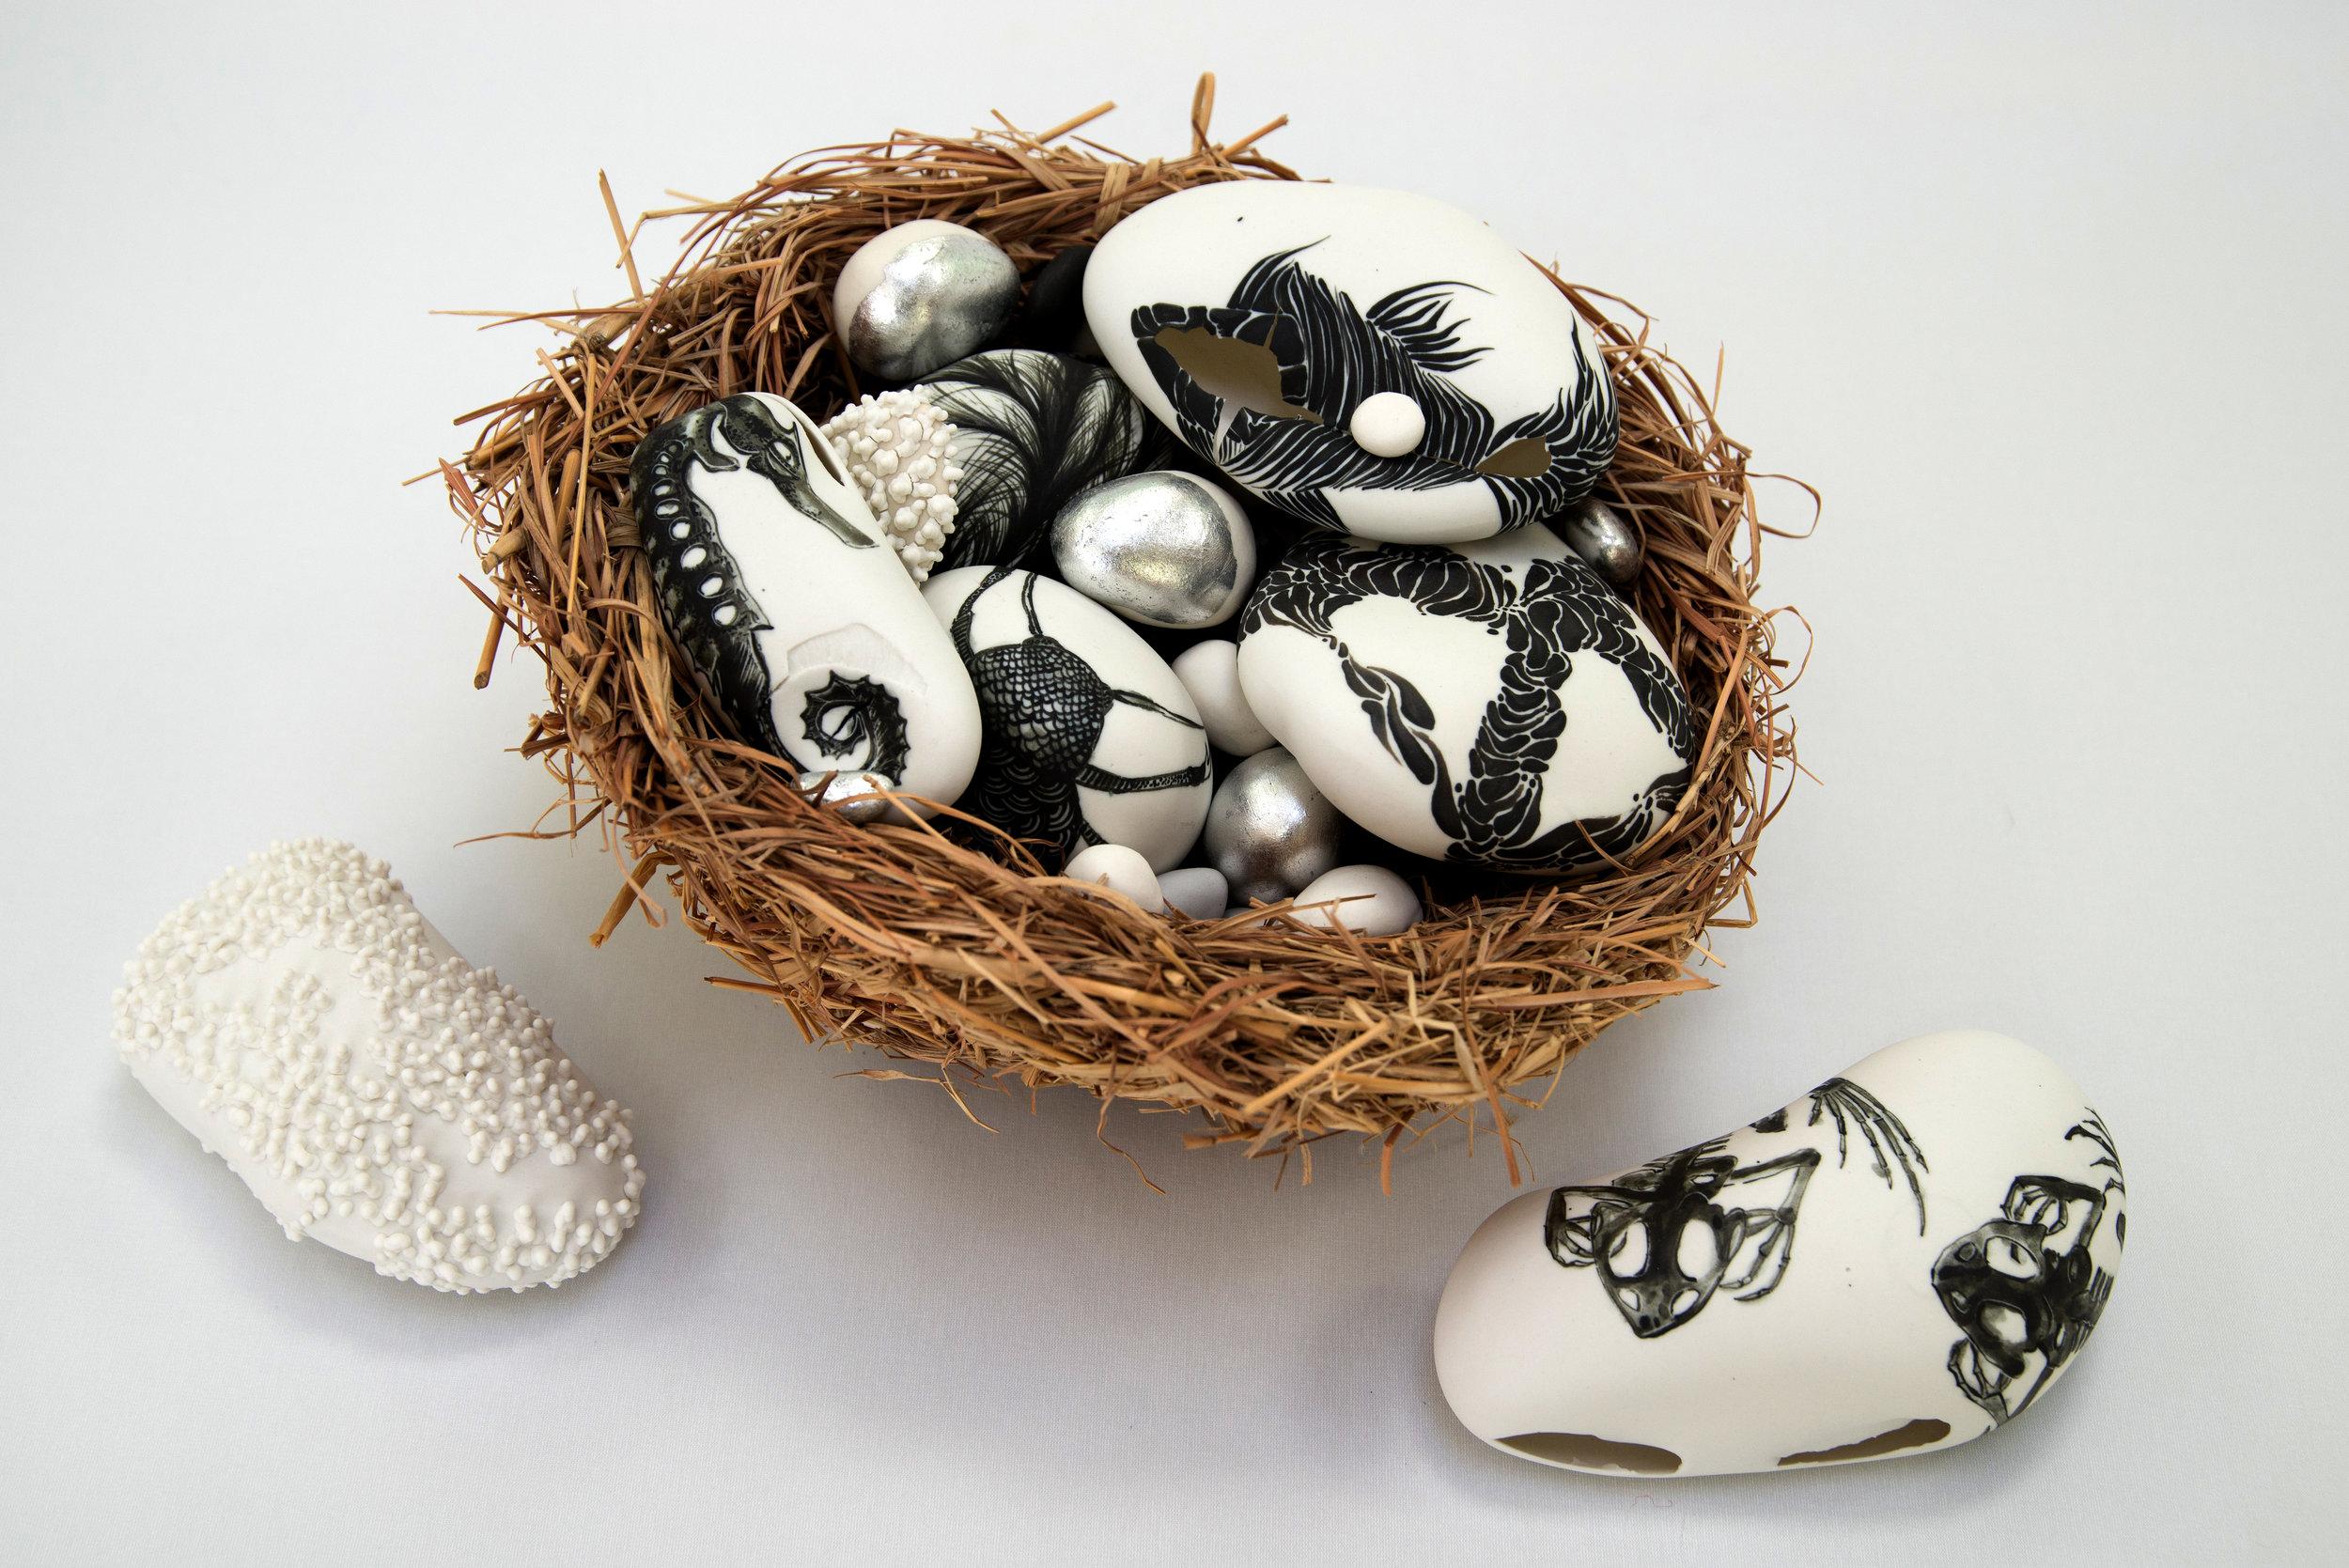 Media: southern ice porcelain, MFQ underglaze stains, silver leaf, handmade rafia nest   Size: 30 cm x 18 cm x 20 cm   Price: $1200